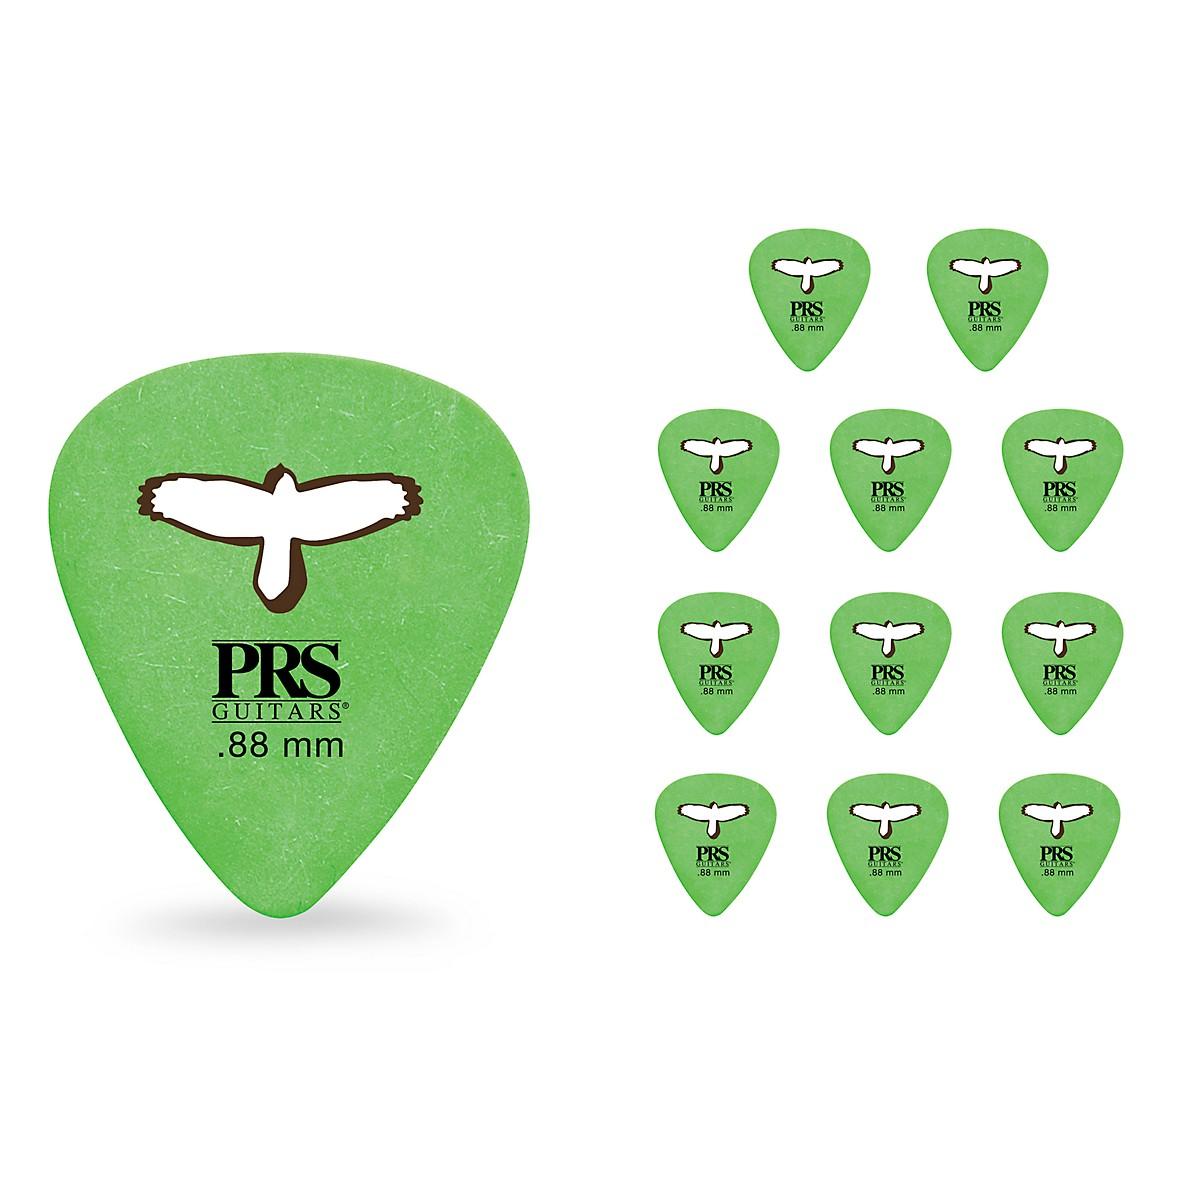 PRS Delrin Punch Guitar Picks 12 Dozen